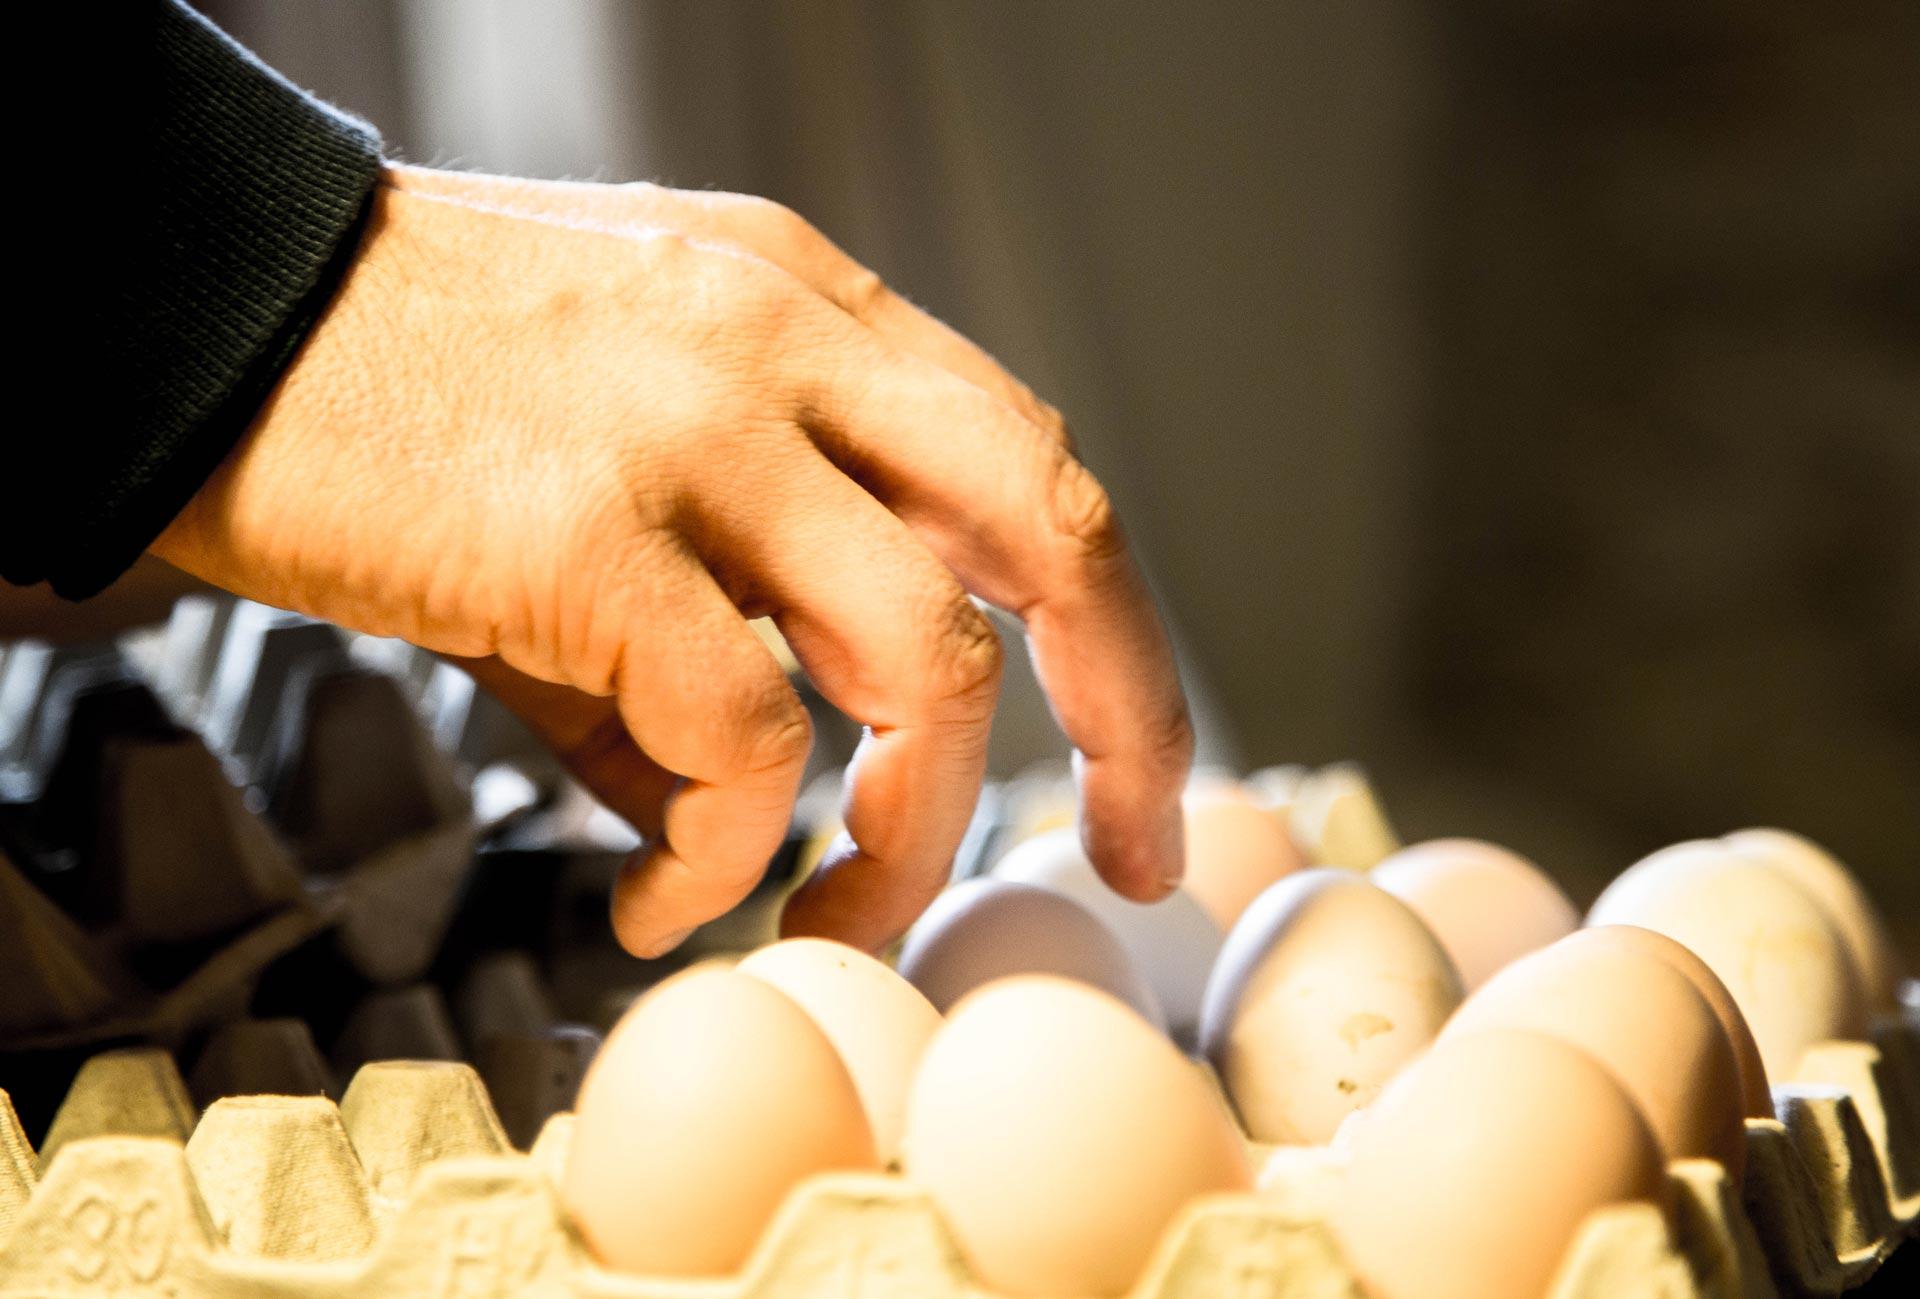 vivere fattoria uova natura ortoalpino belluno dolomiti